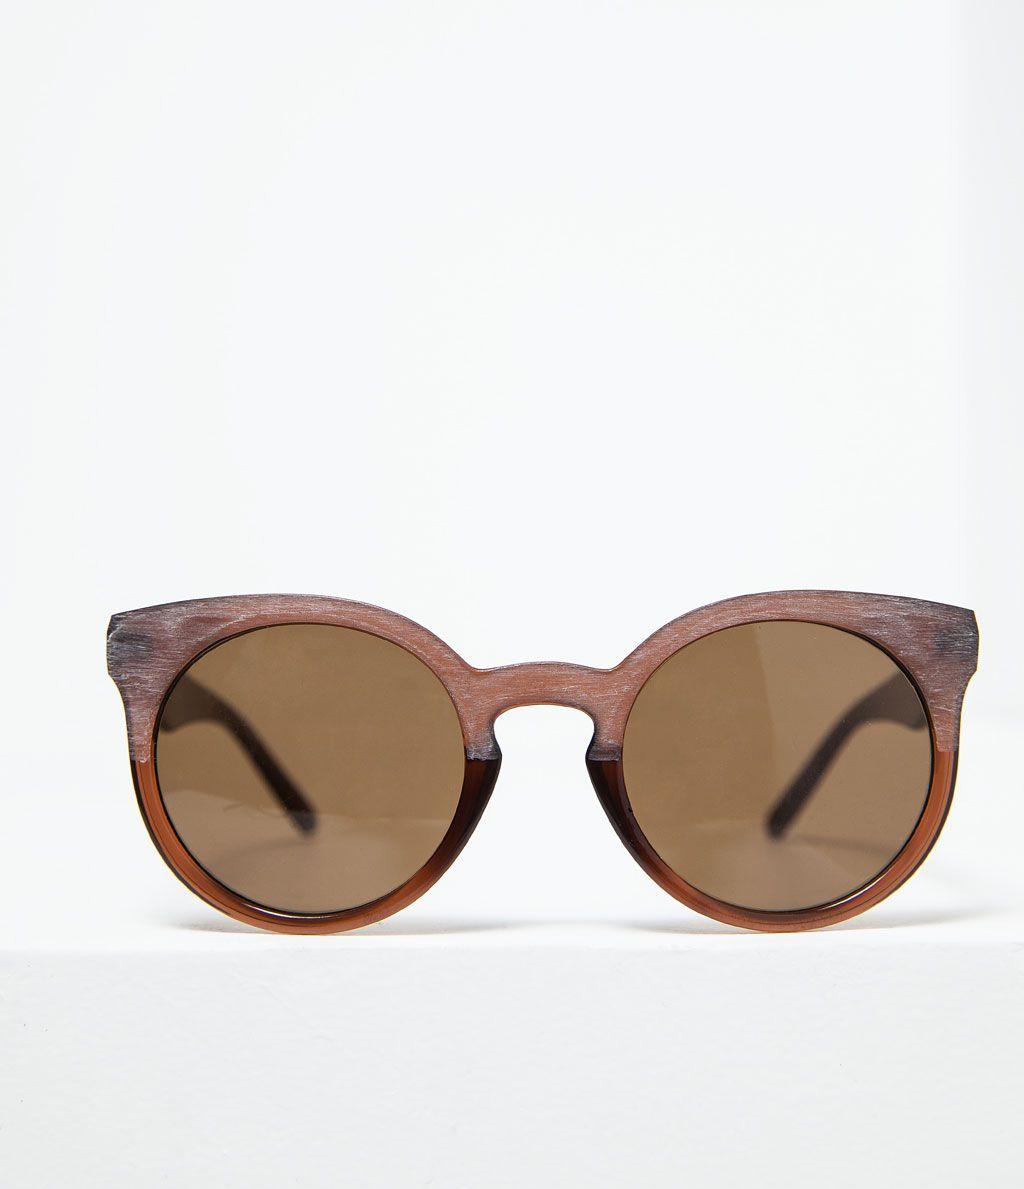 c86caa57d6 ZARA - NEW THIS WEEK - WOOD EFFECT SUNGLASSES Gafas De Sol, Empaques,  Accesorios